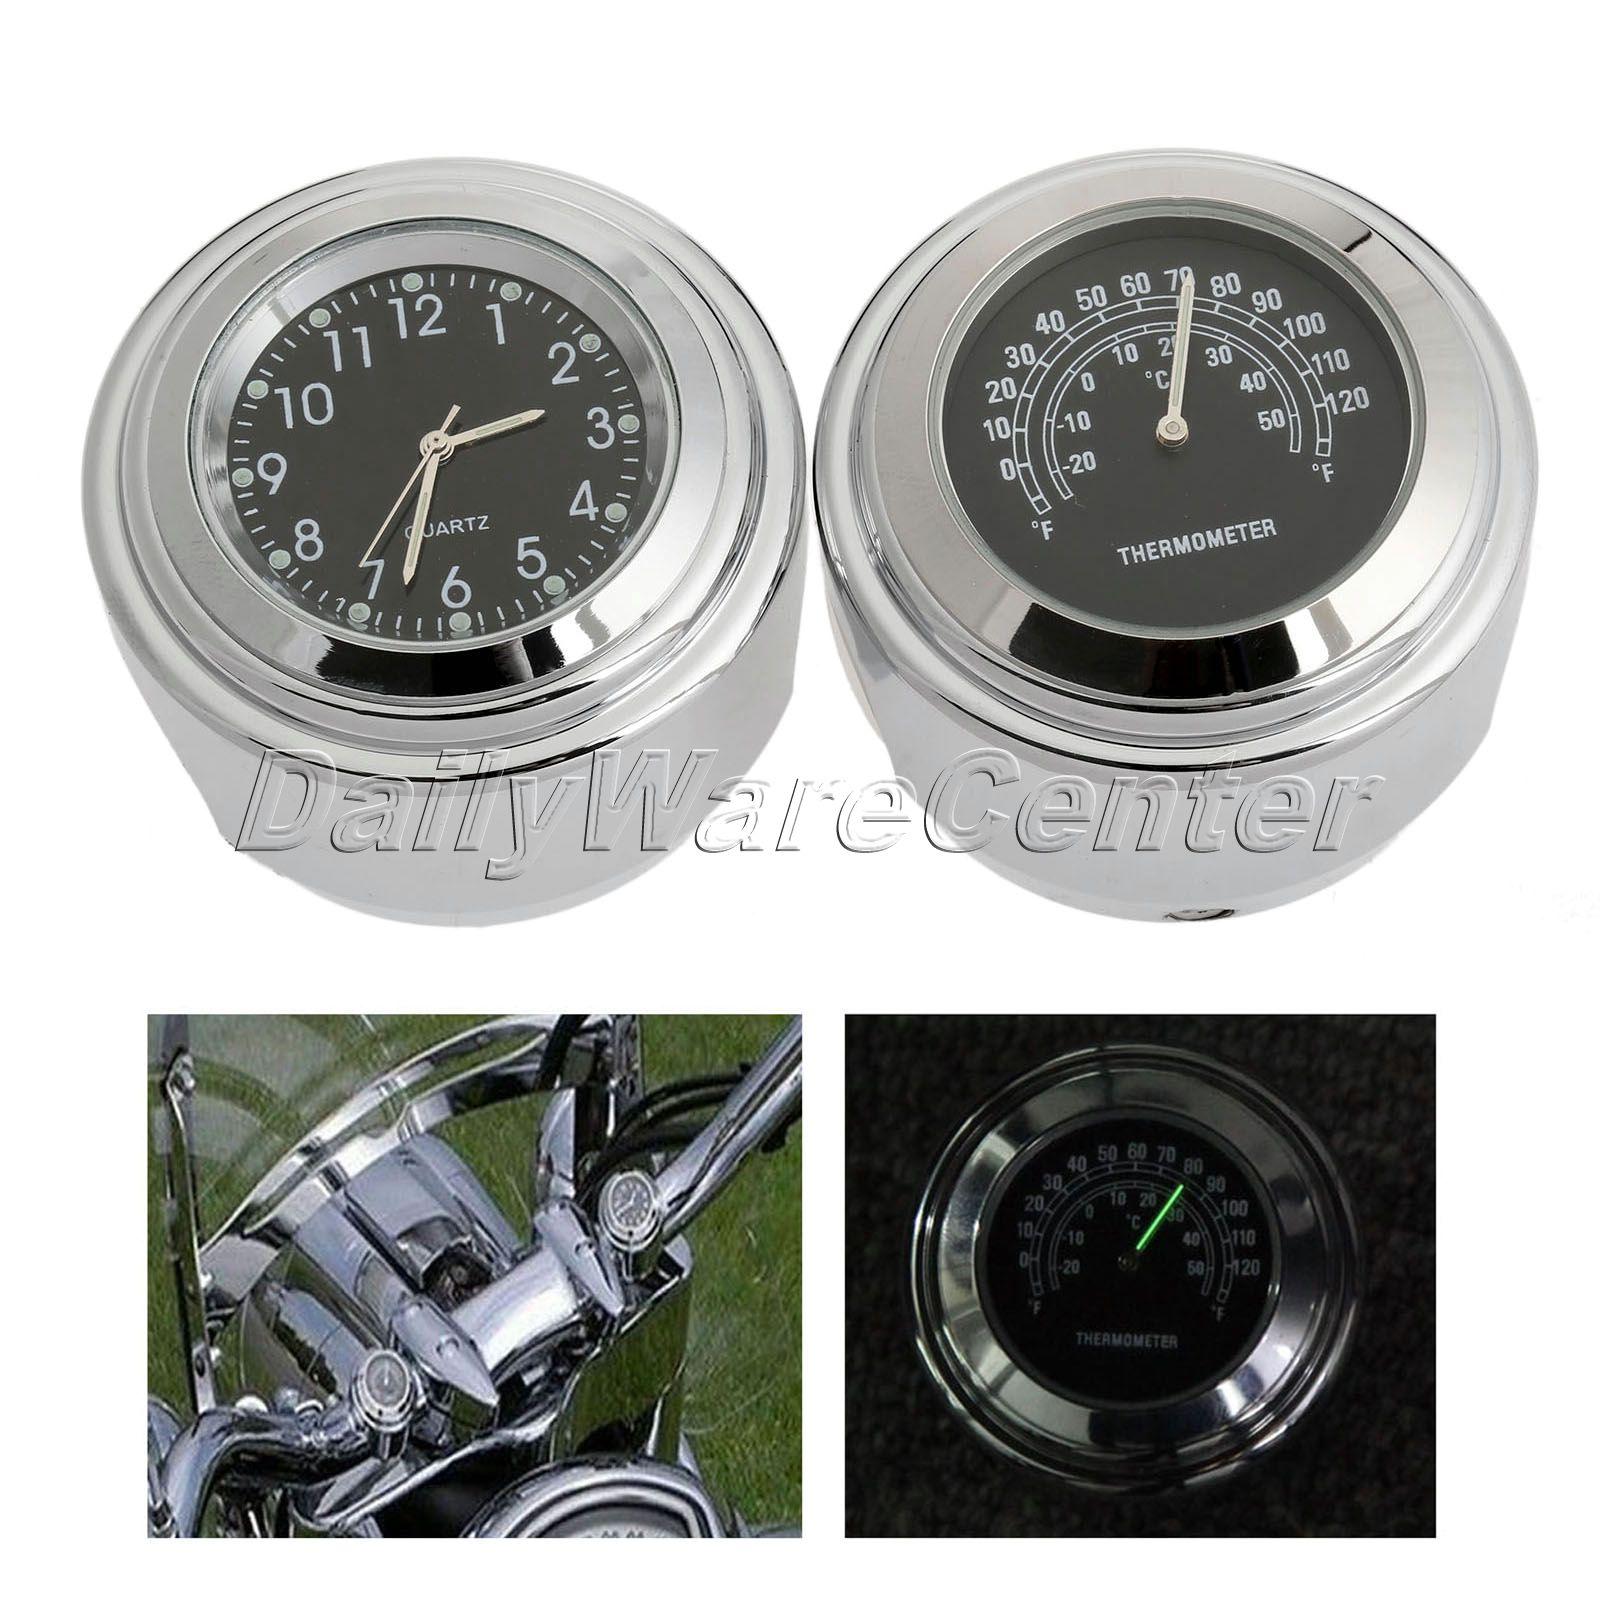 """7/8 """"1"""" Bike Basikal Motosikal Jam Dail Hitam + Hitam Temp termometer Aluminium untuk Honda Harley Yamaha Kawasaki Waterproof"""